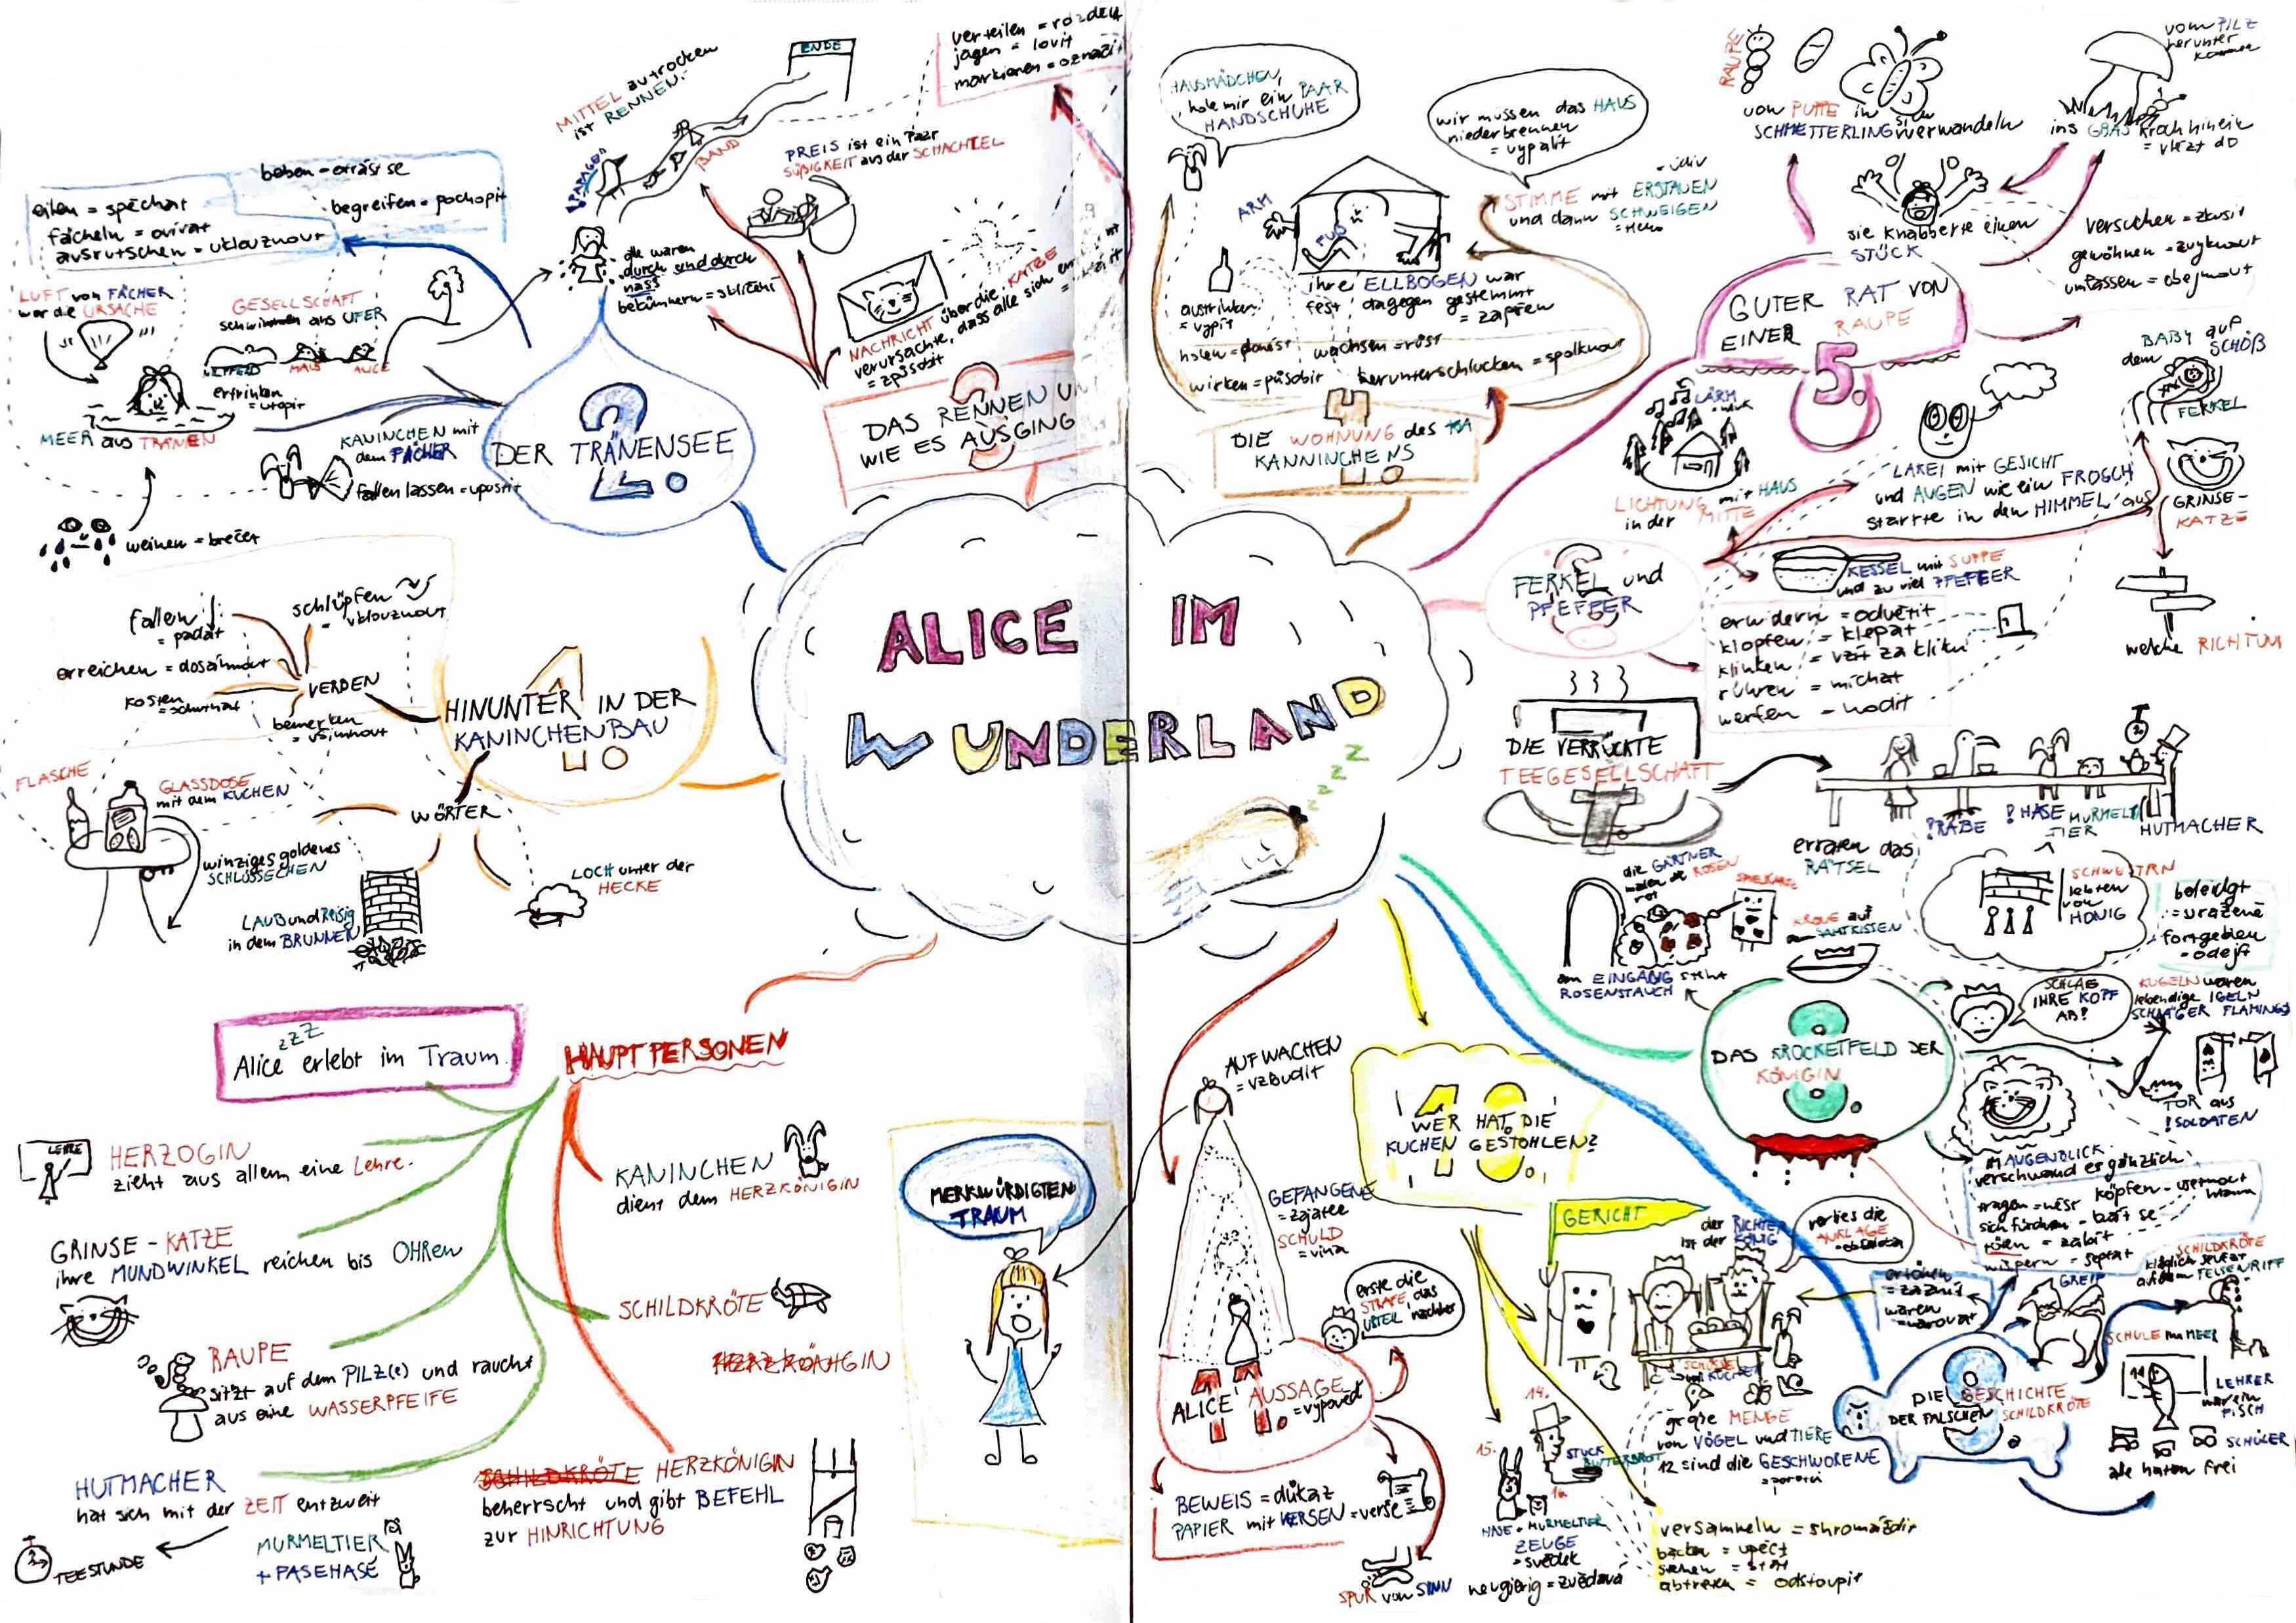 Lekce němčiny - Alenka v říši divů (mindmap)